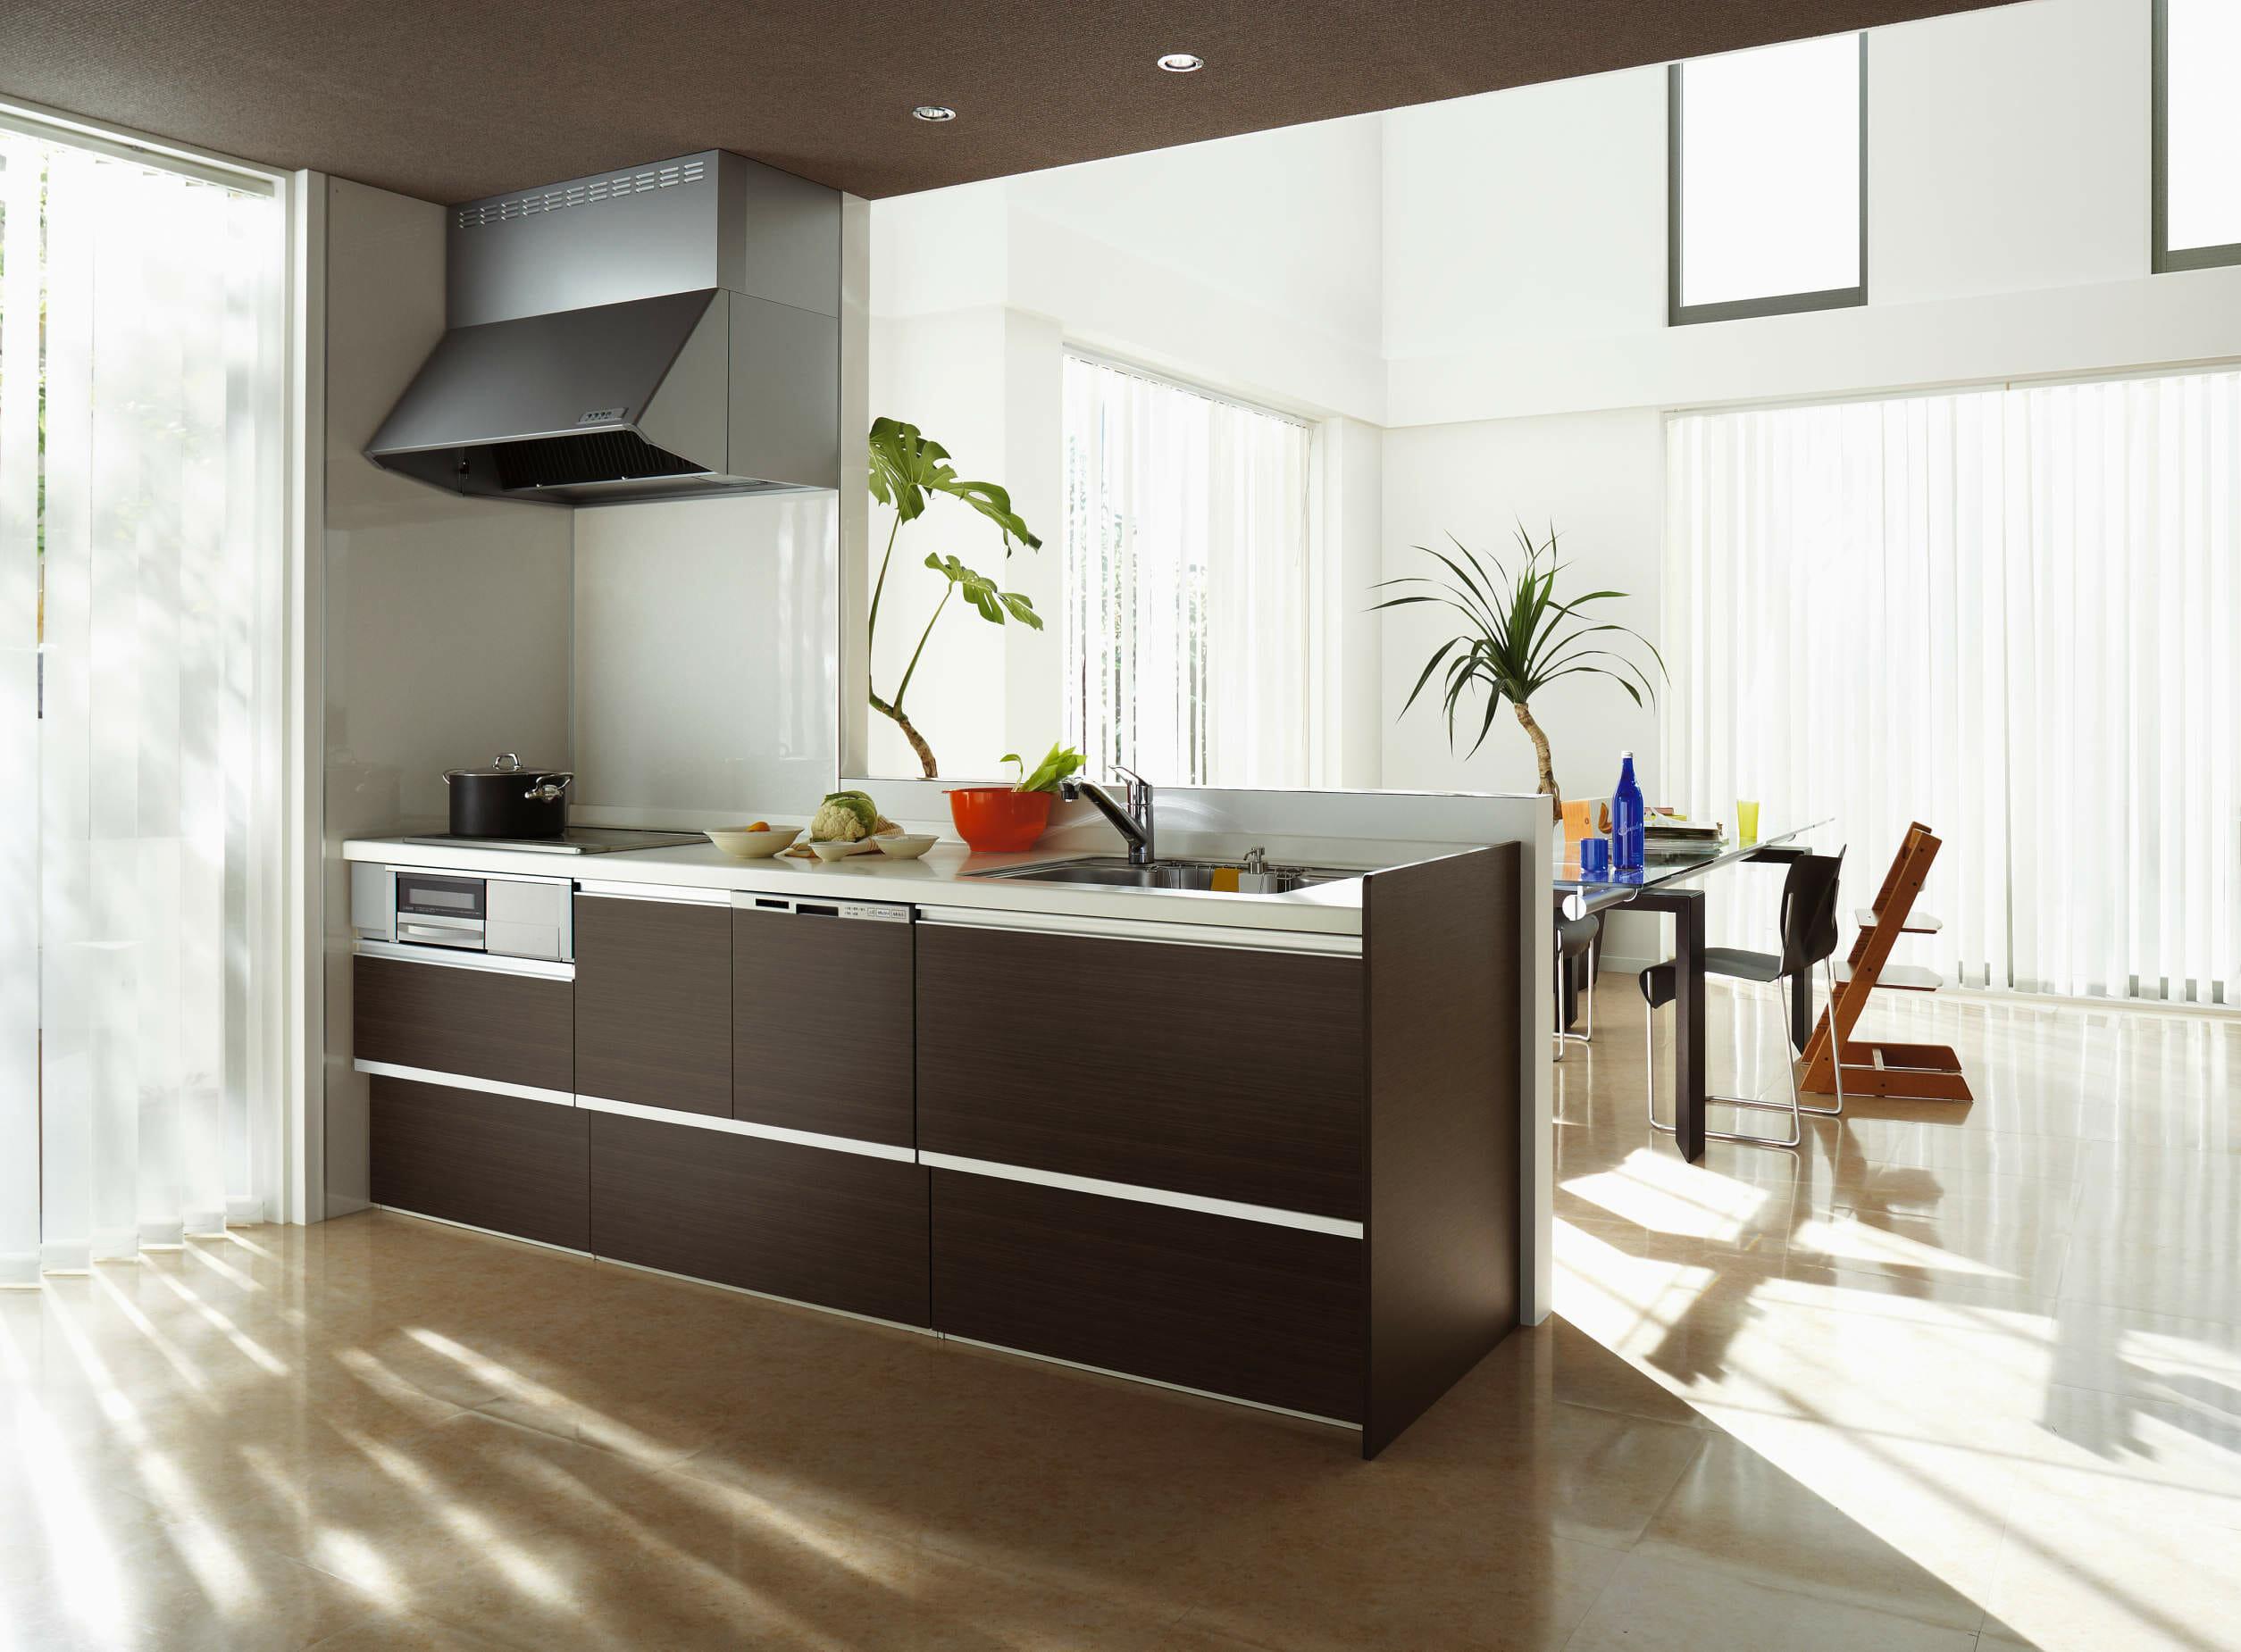 【クリナップ/ラクエラ】人気でおすすめできる対面キッチンのメーカーはコレ!